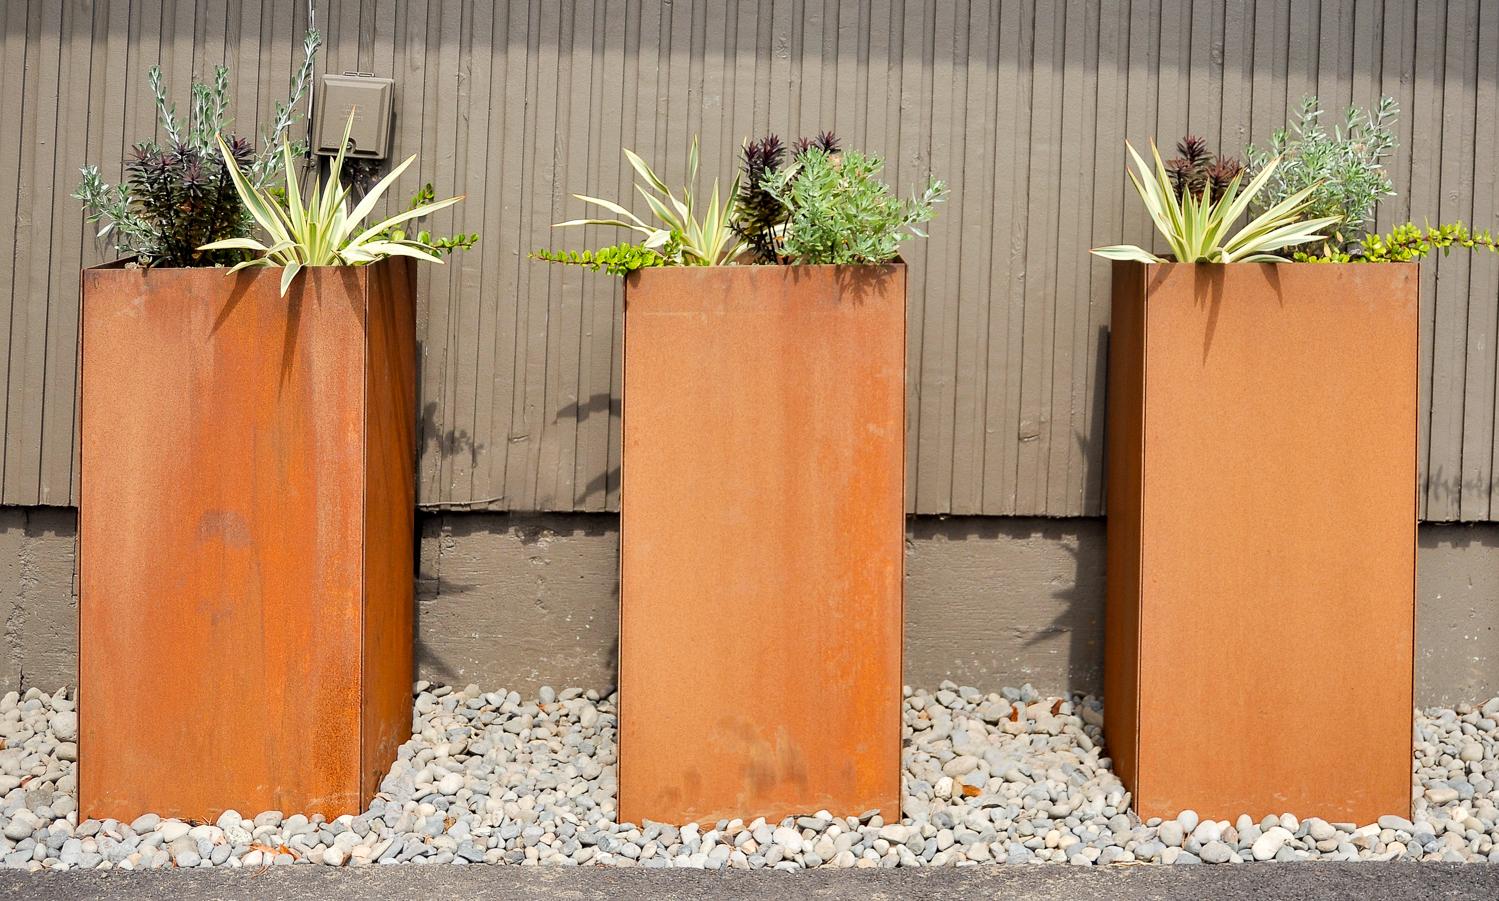 Boise Eliot Modern Pistils Landscape Design-9.jpg